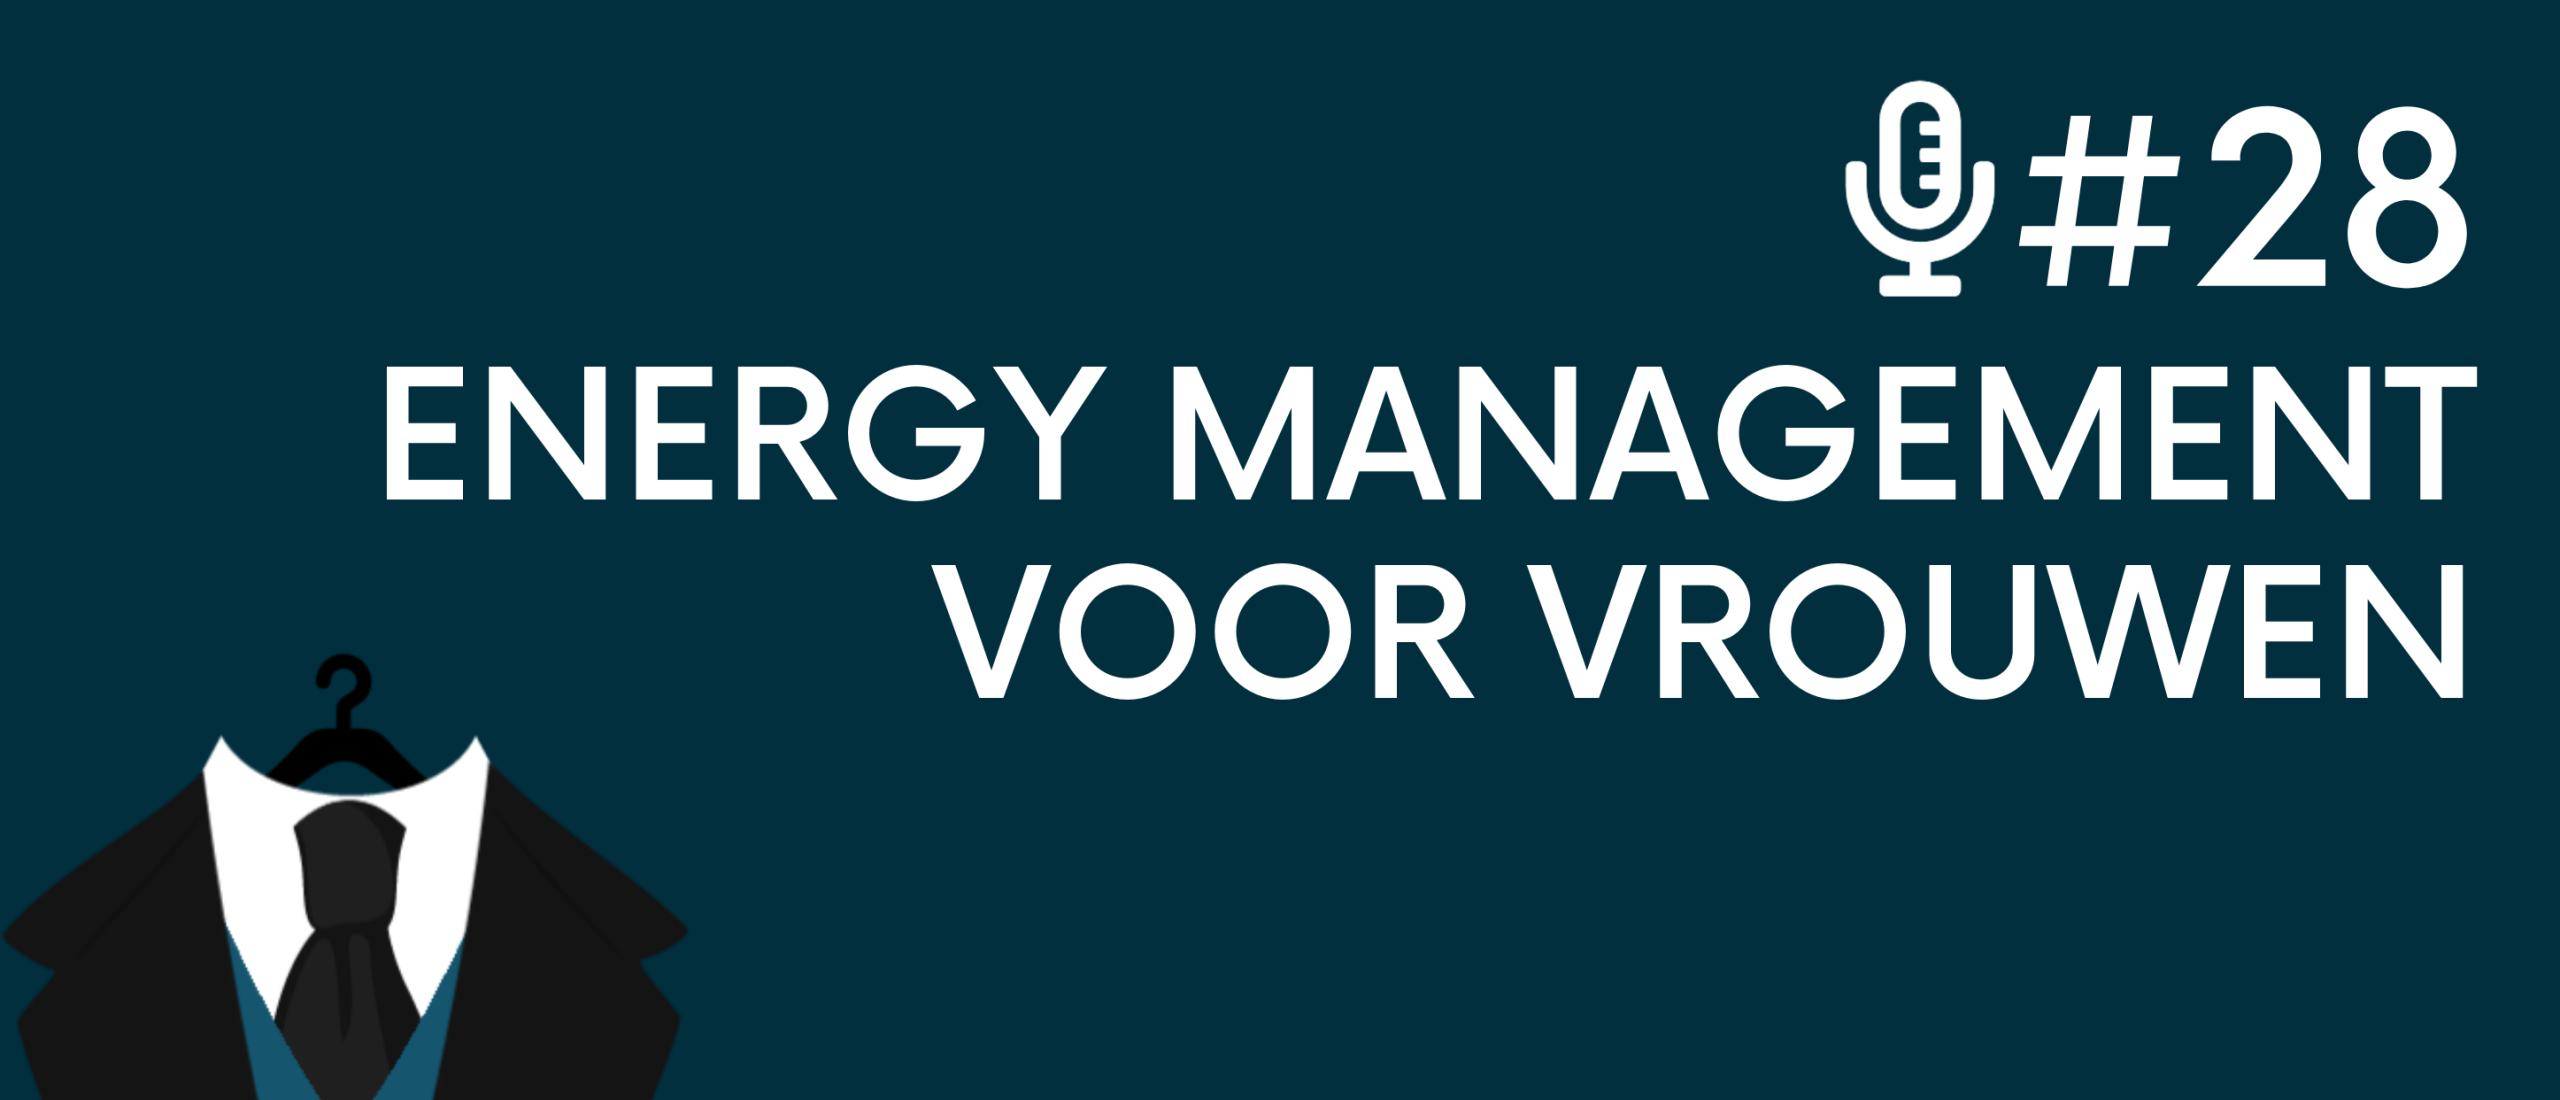 Energy management voor vrouwen